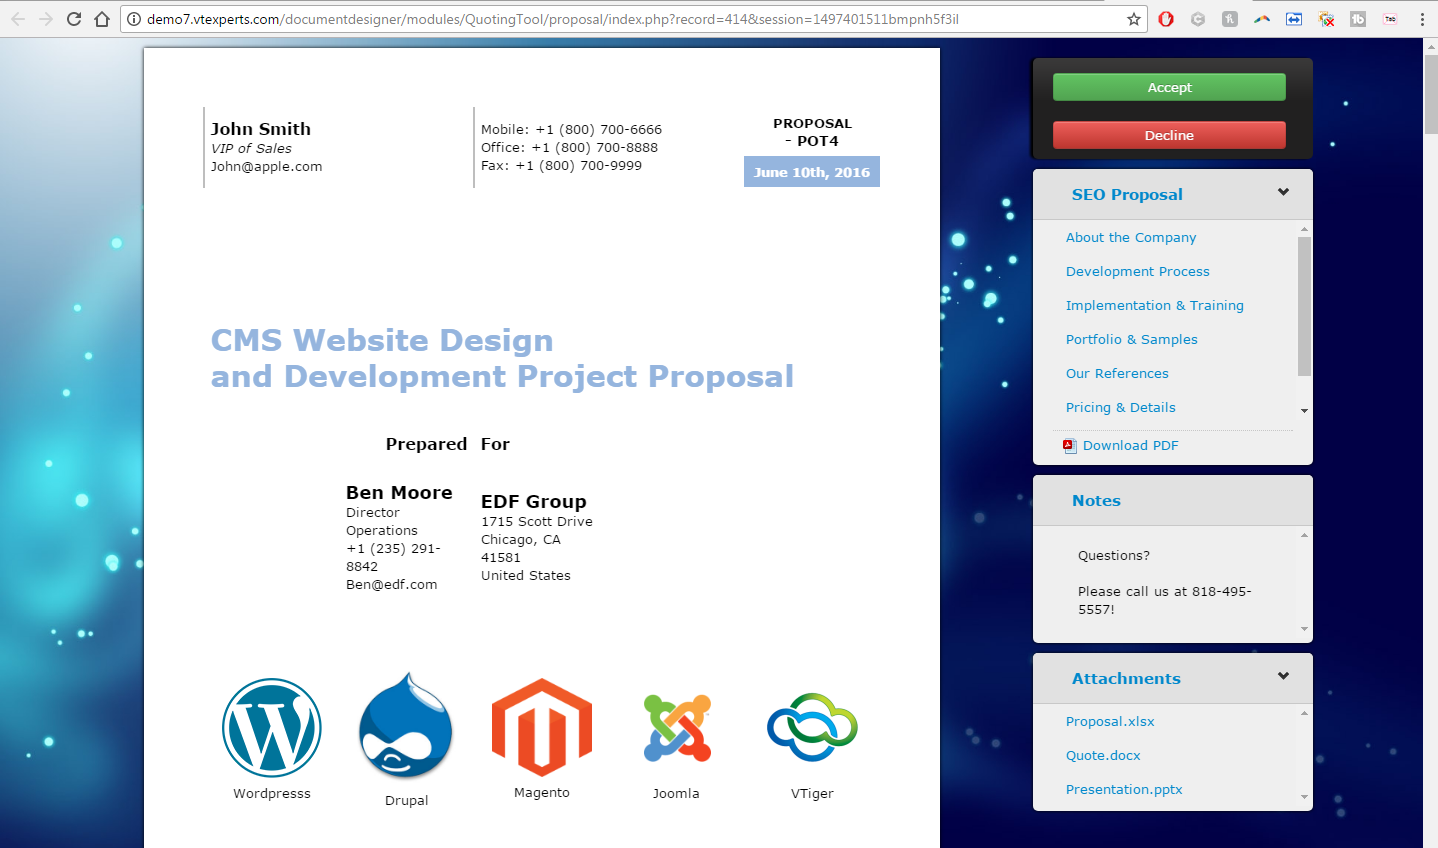 VTiger 7 Document Designer Image 3